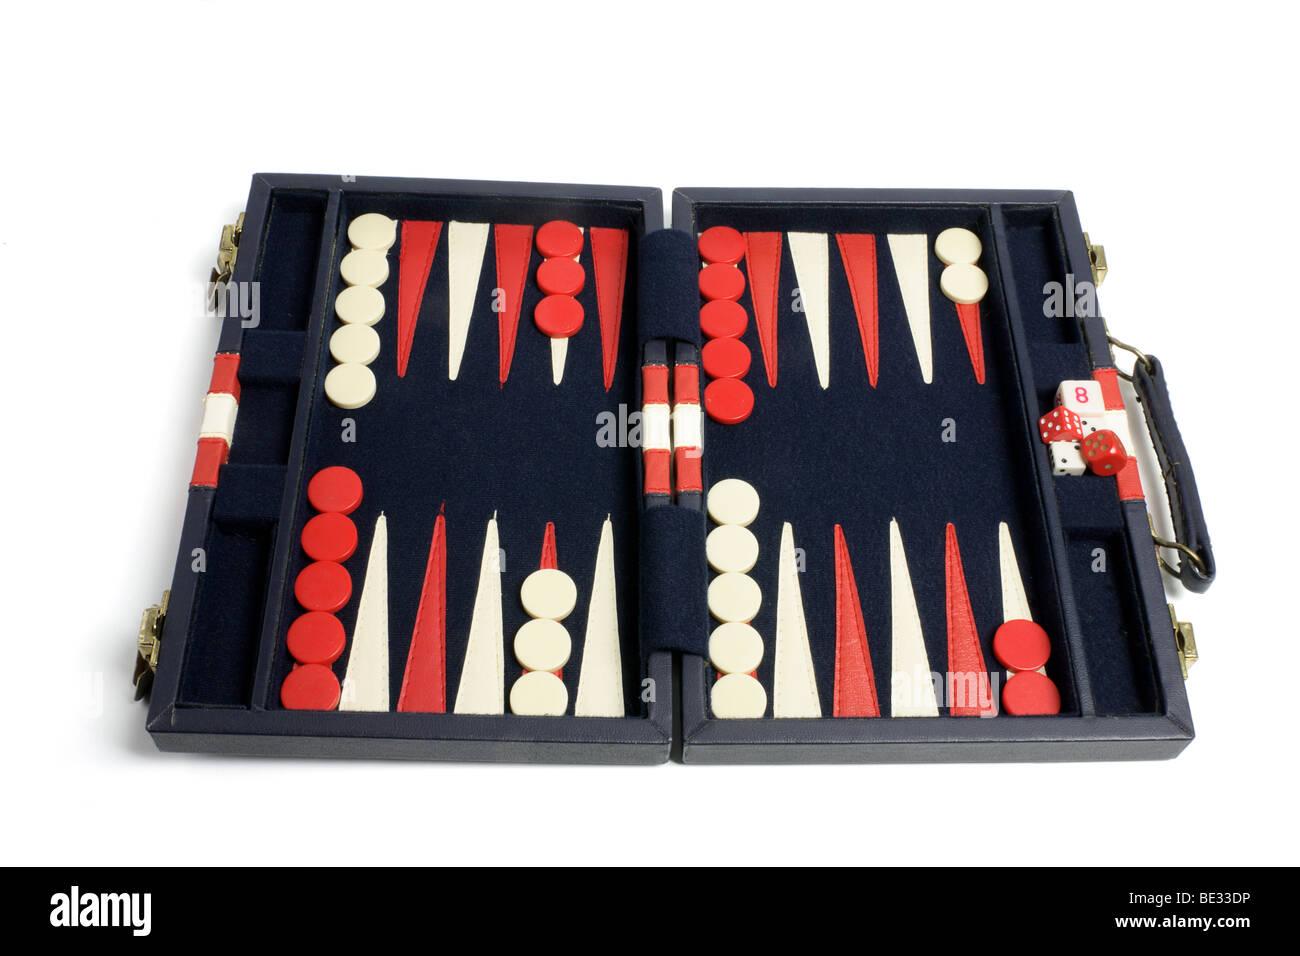 Backgammon Set - Stock Image